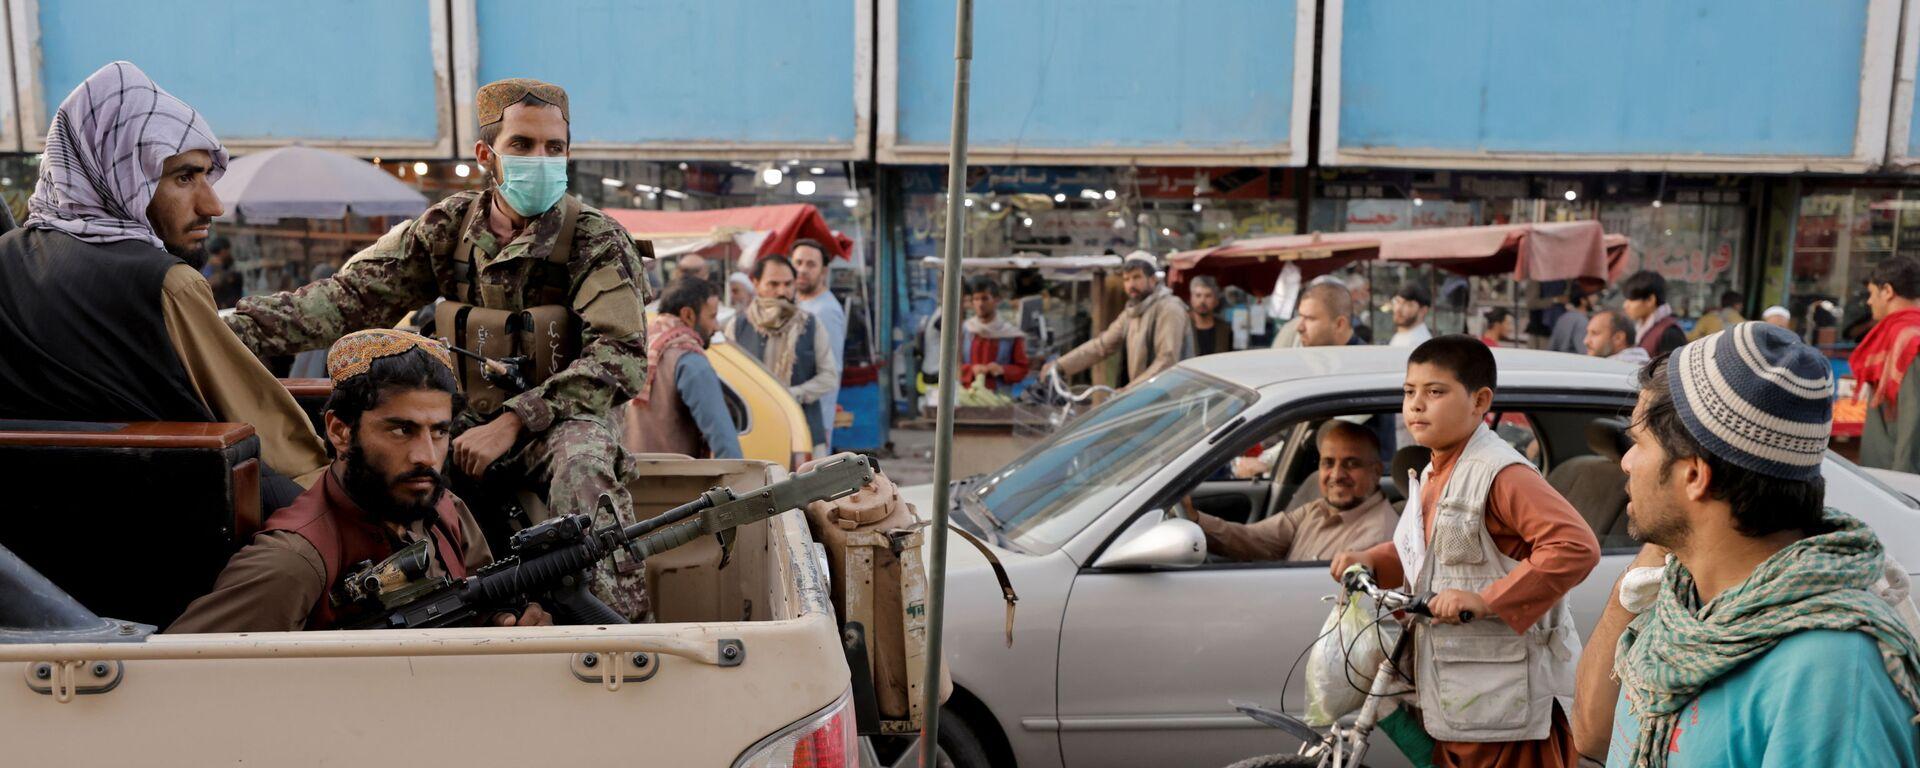 Патруль запрещенной в России организации Талибан на улицах Кабула - Sputnik Тоҷикистон, 1920, 09.10.2021